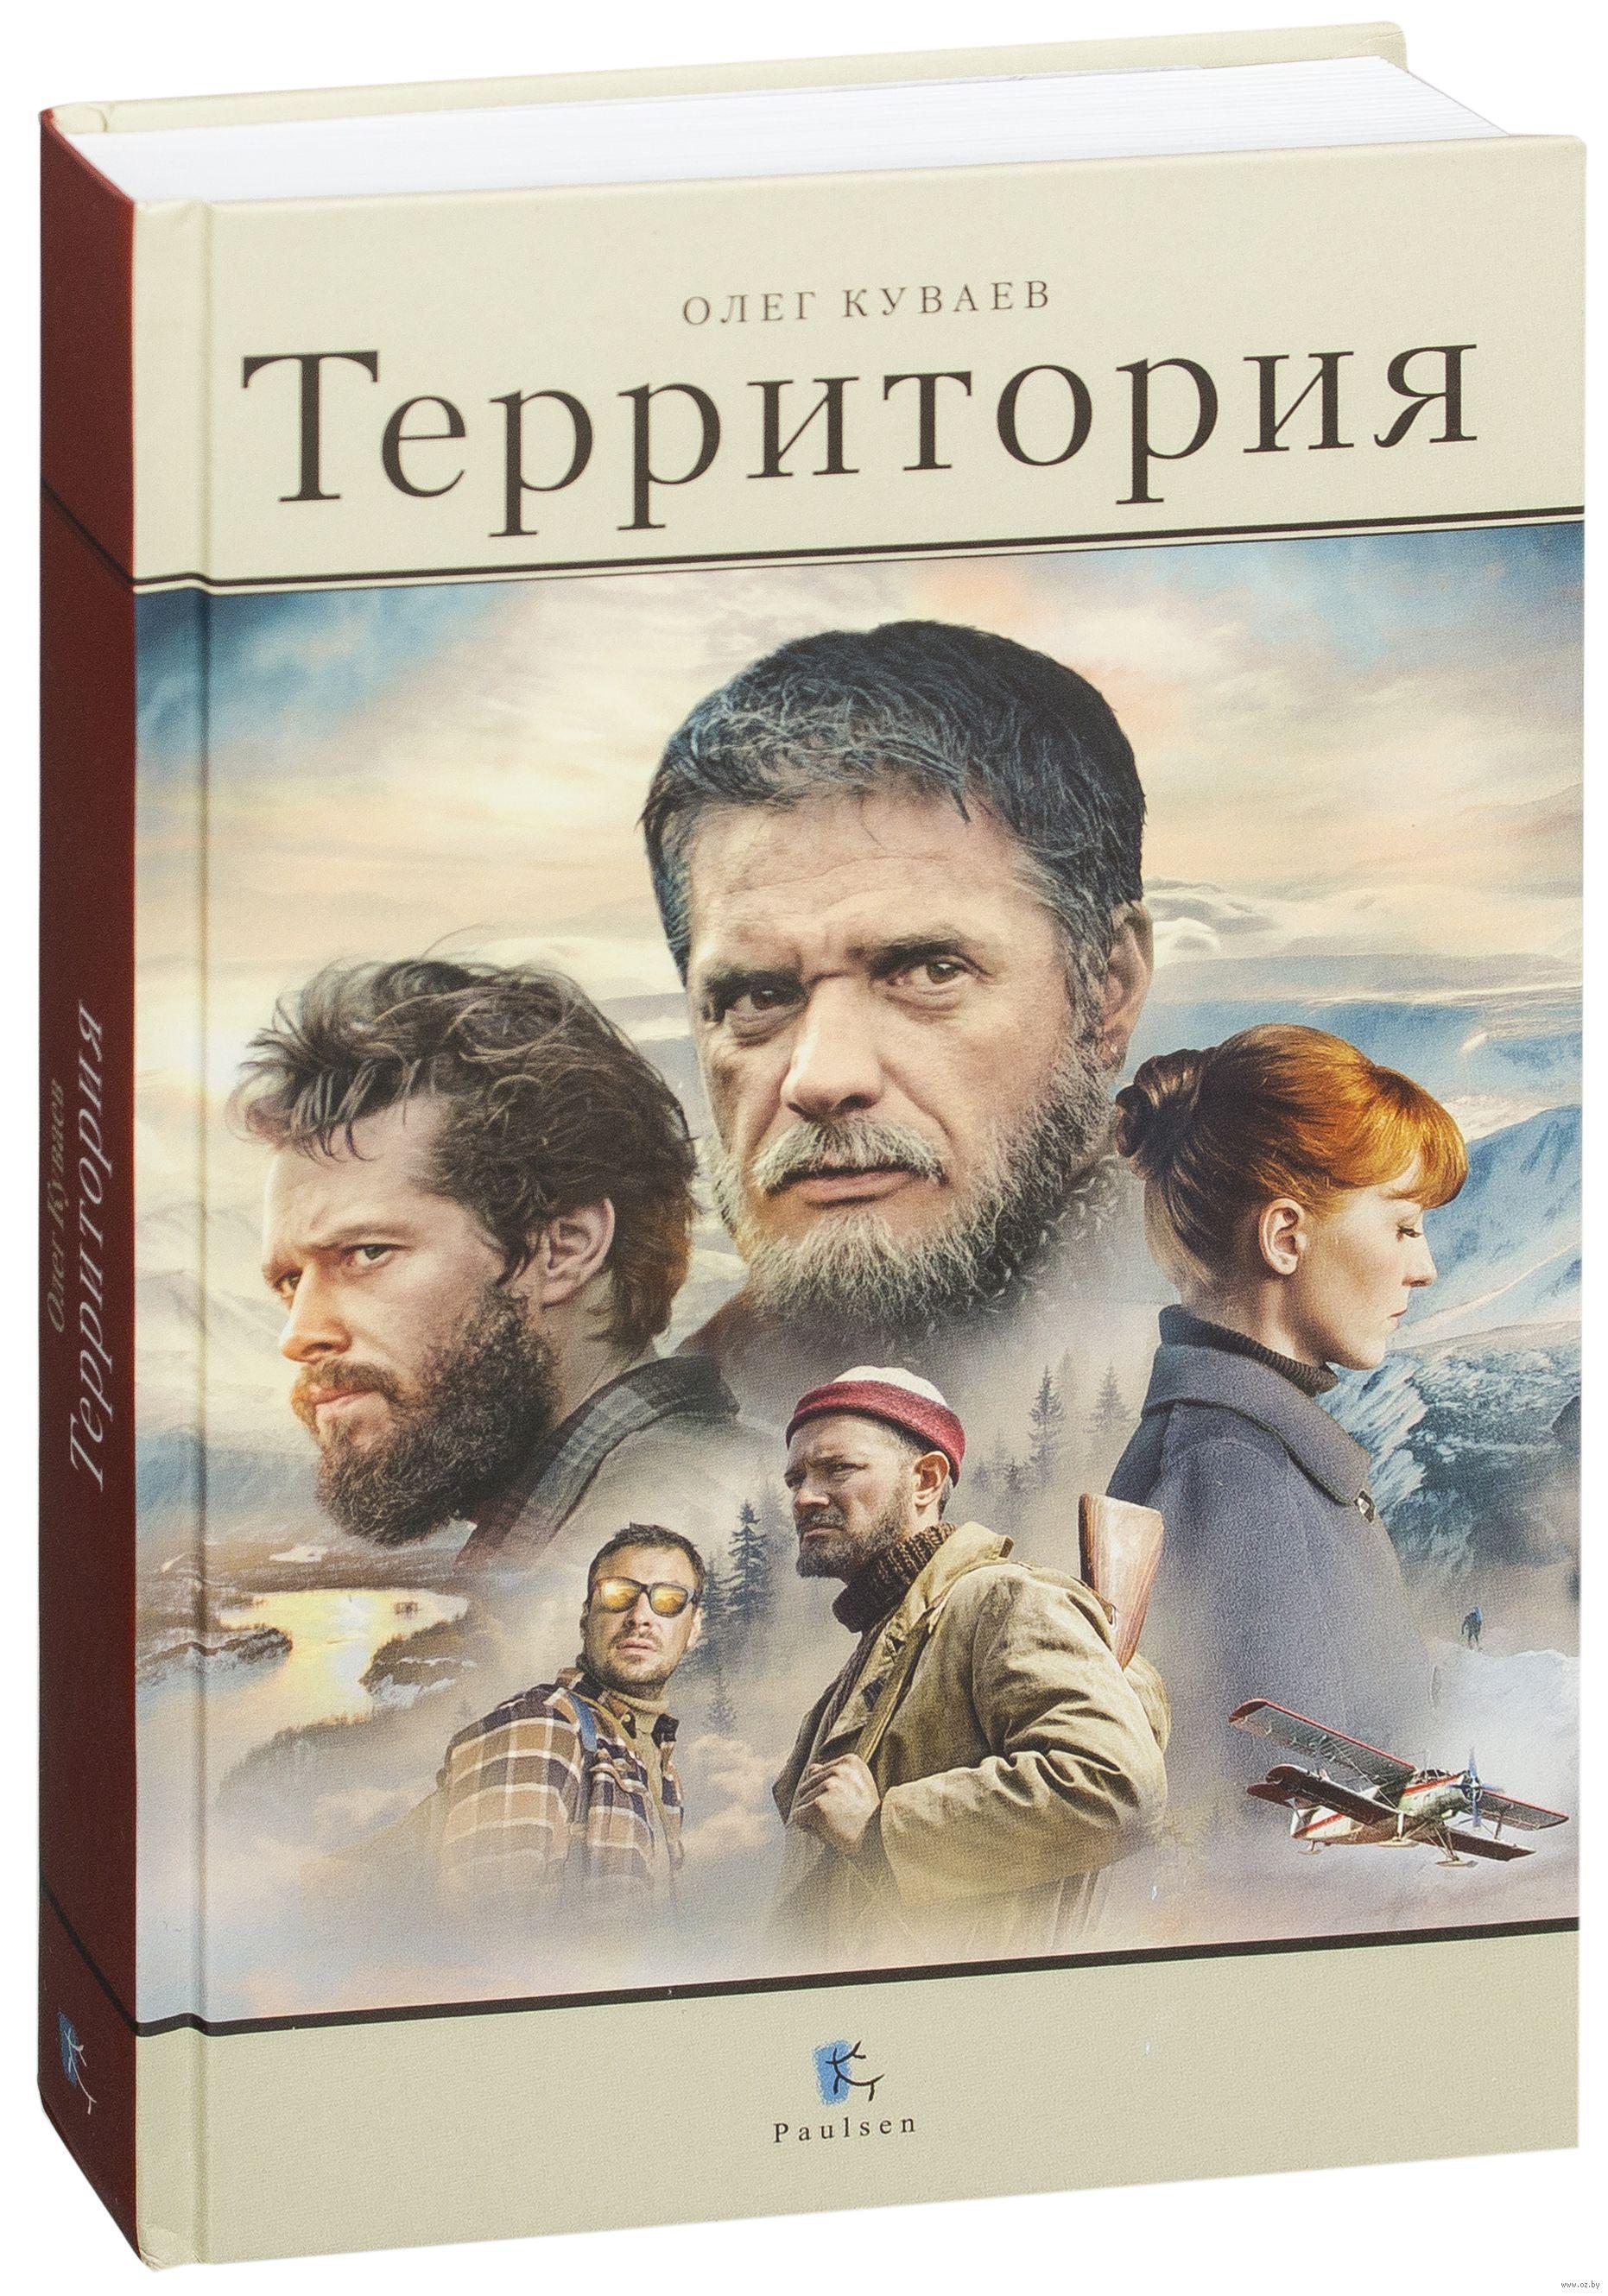 РОМАН ОЛЕГА КУВАЕВА ТЕРРИТОРИЯ СКАЧАТЬ БЕСПЛАТНО